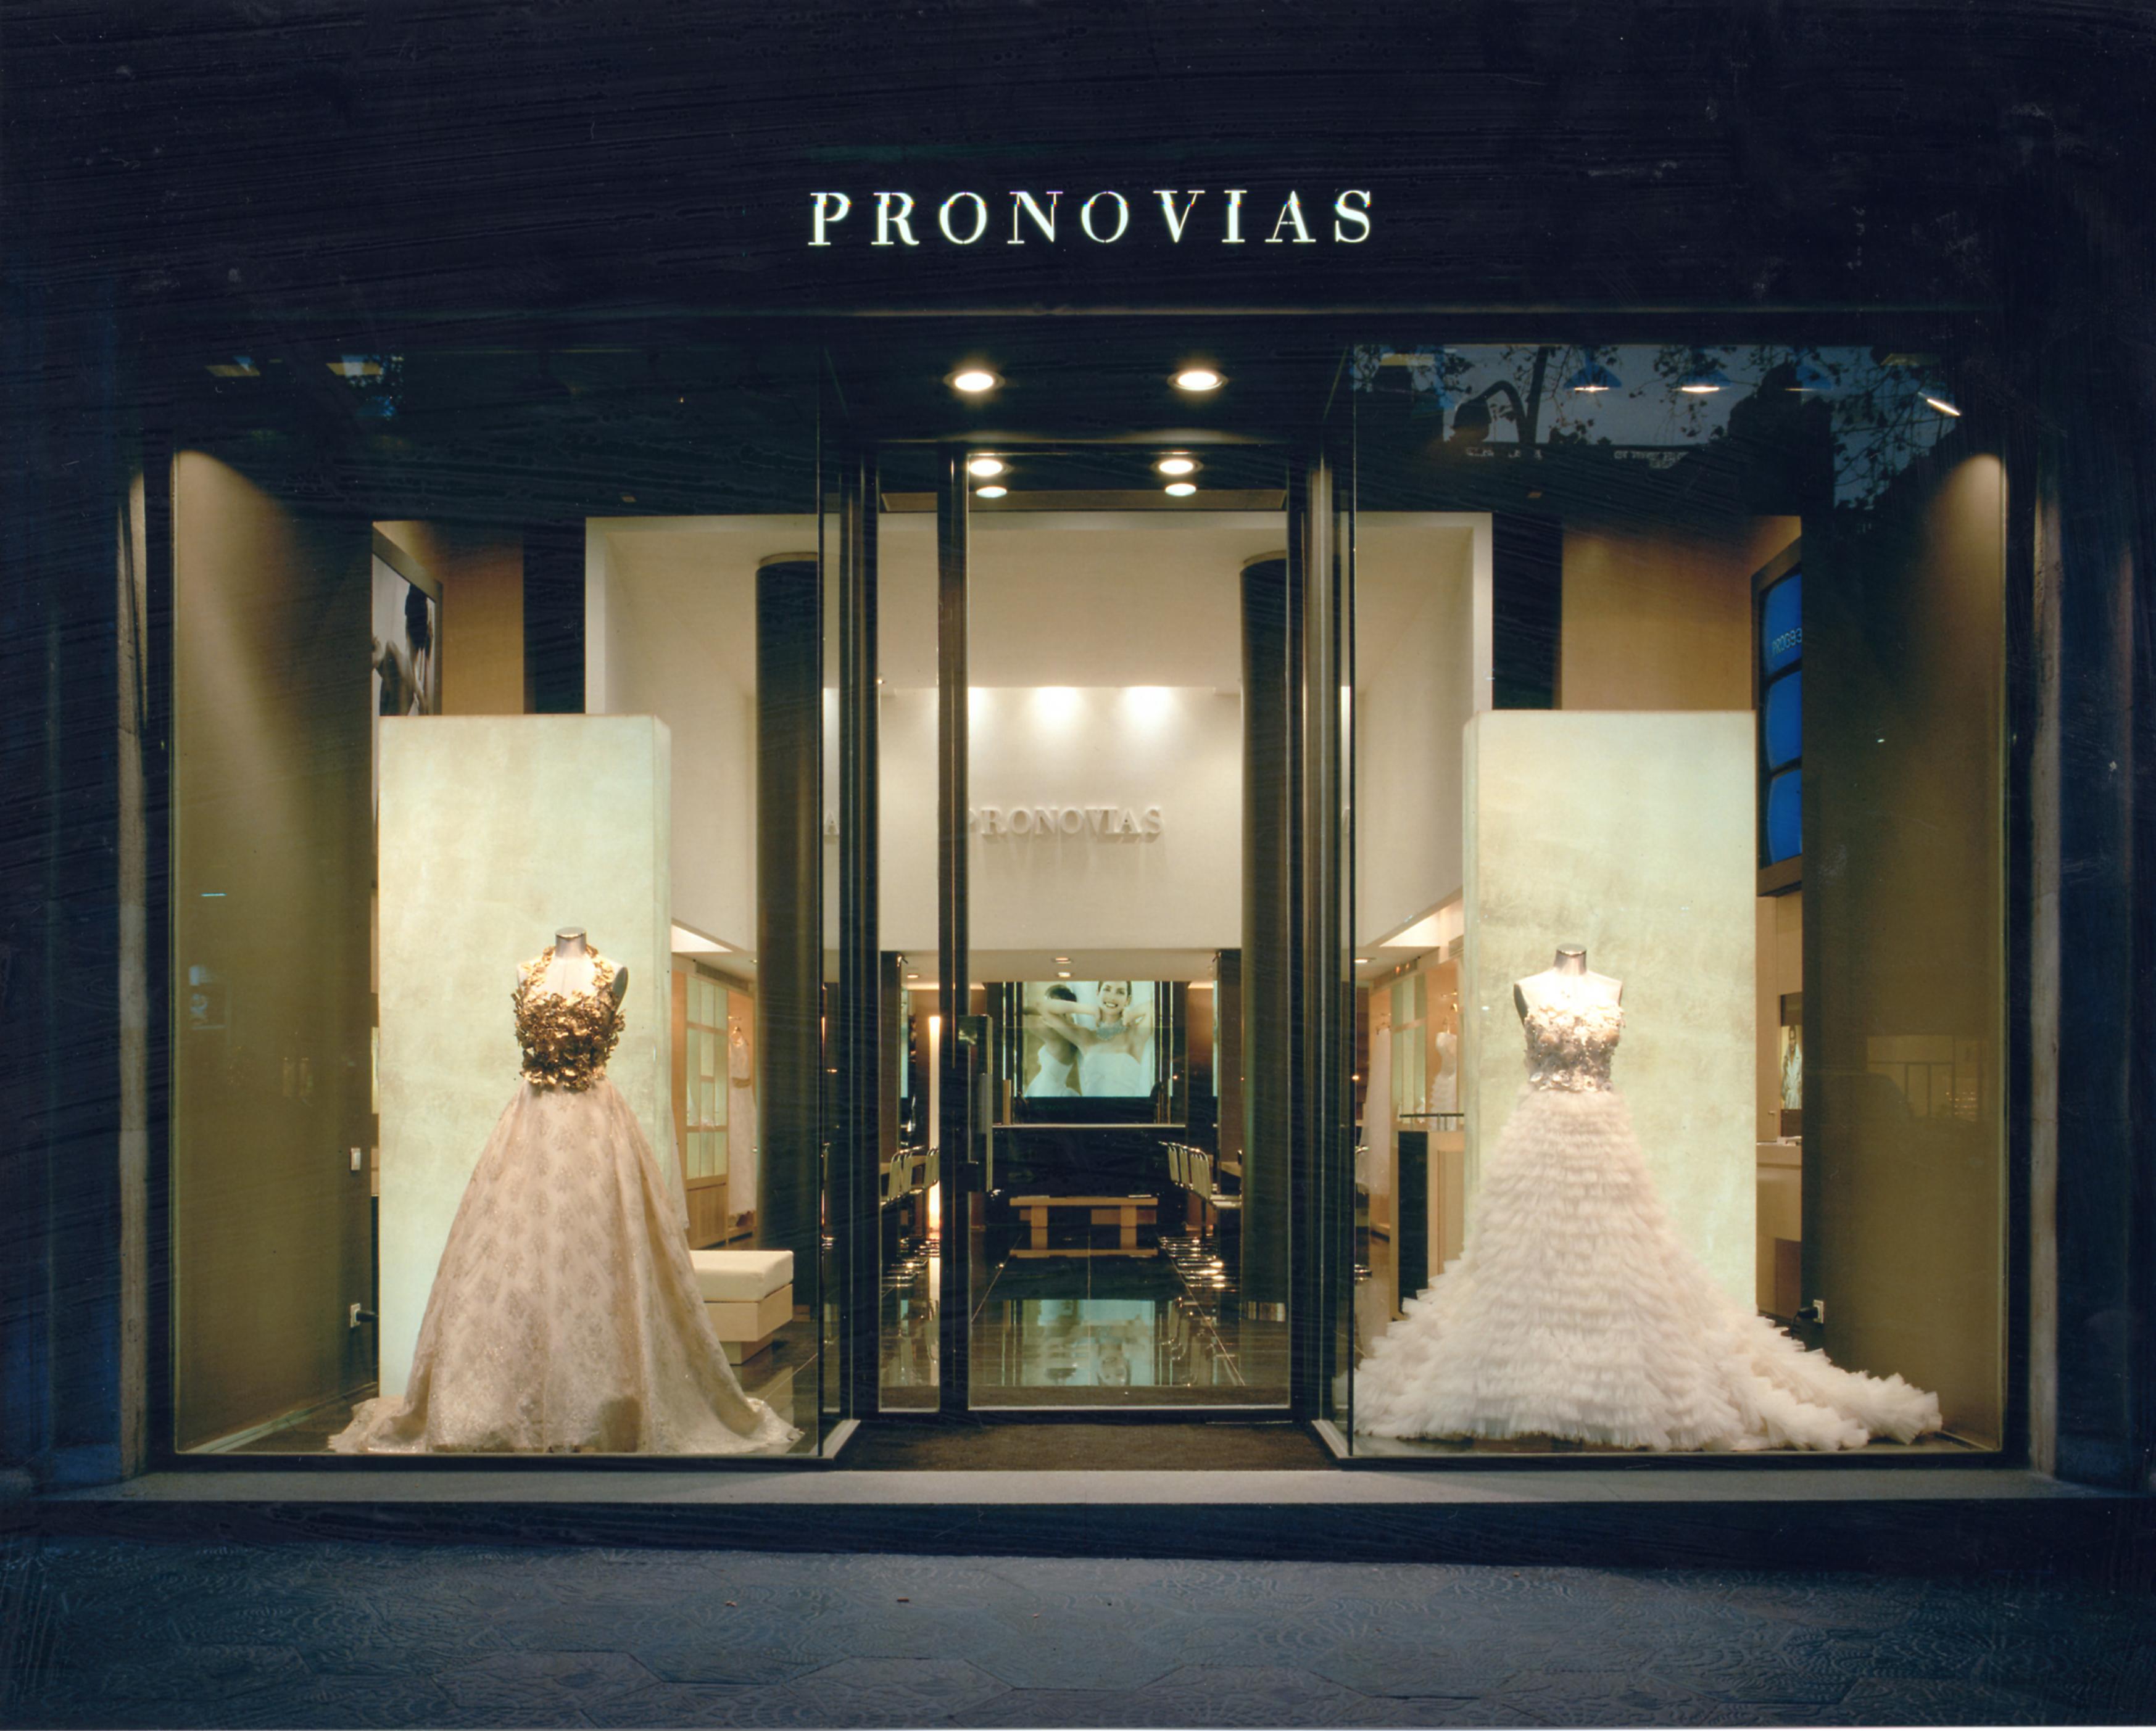 TIENDAS-Pronovias P Gracia 01